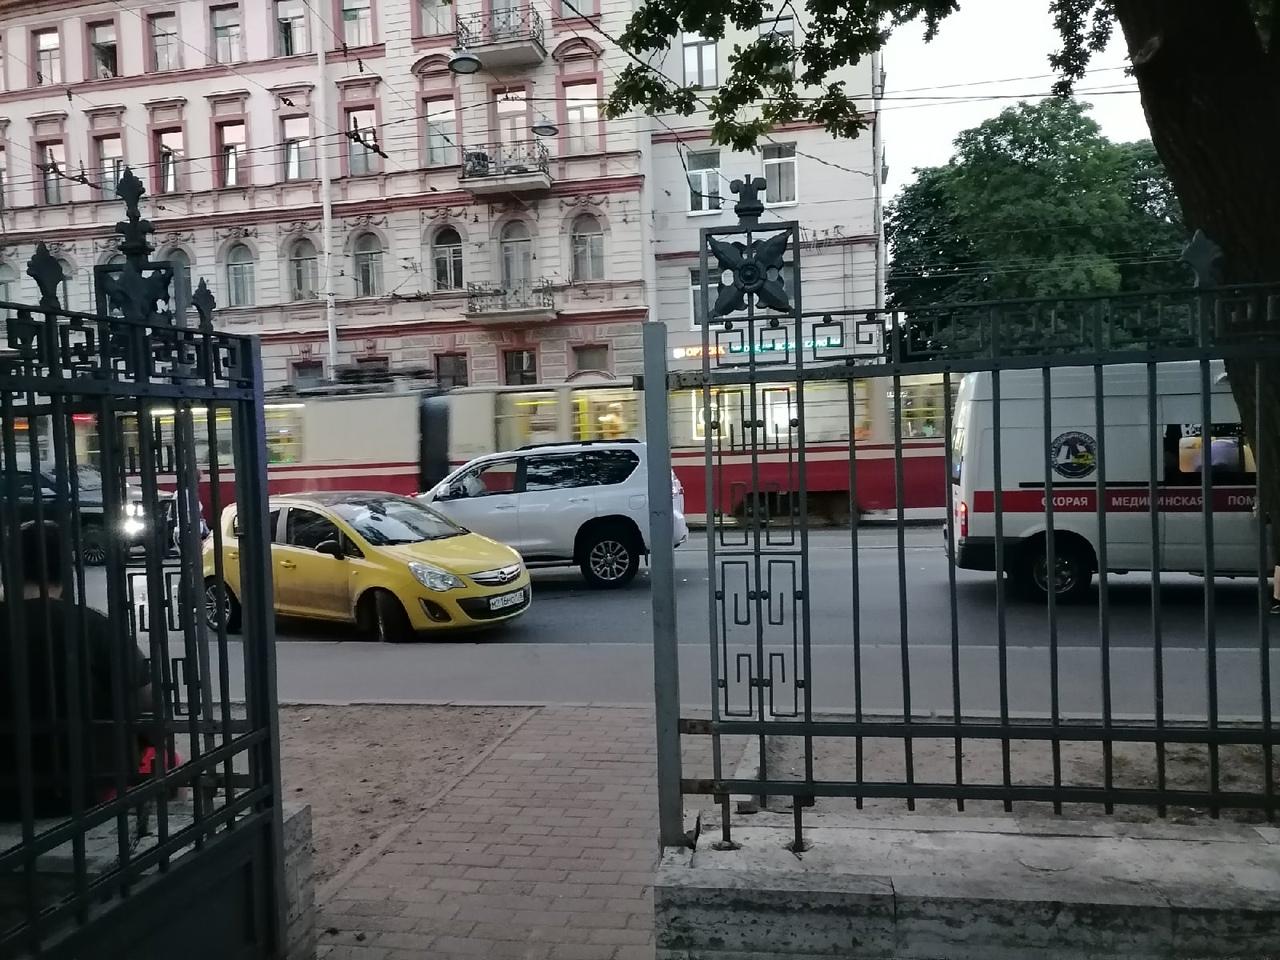 Прадо протаранил Опель на Академика Лебедева у перекрёстка с Боткинской улицей Скорая и реан...